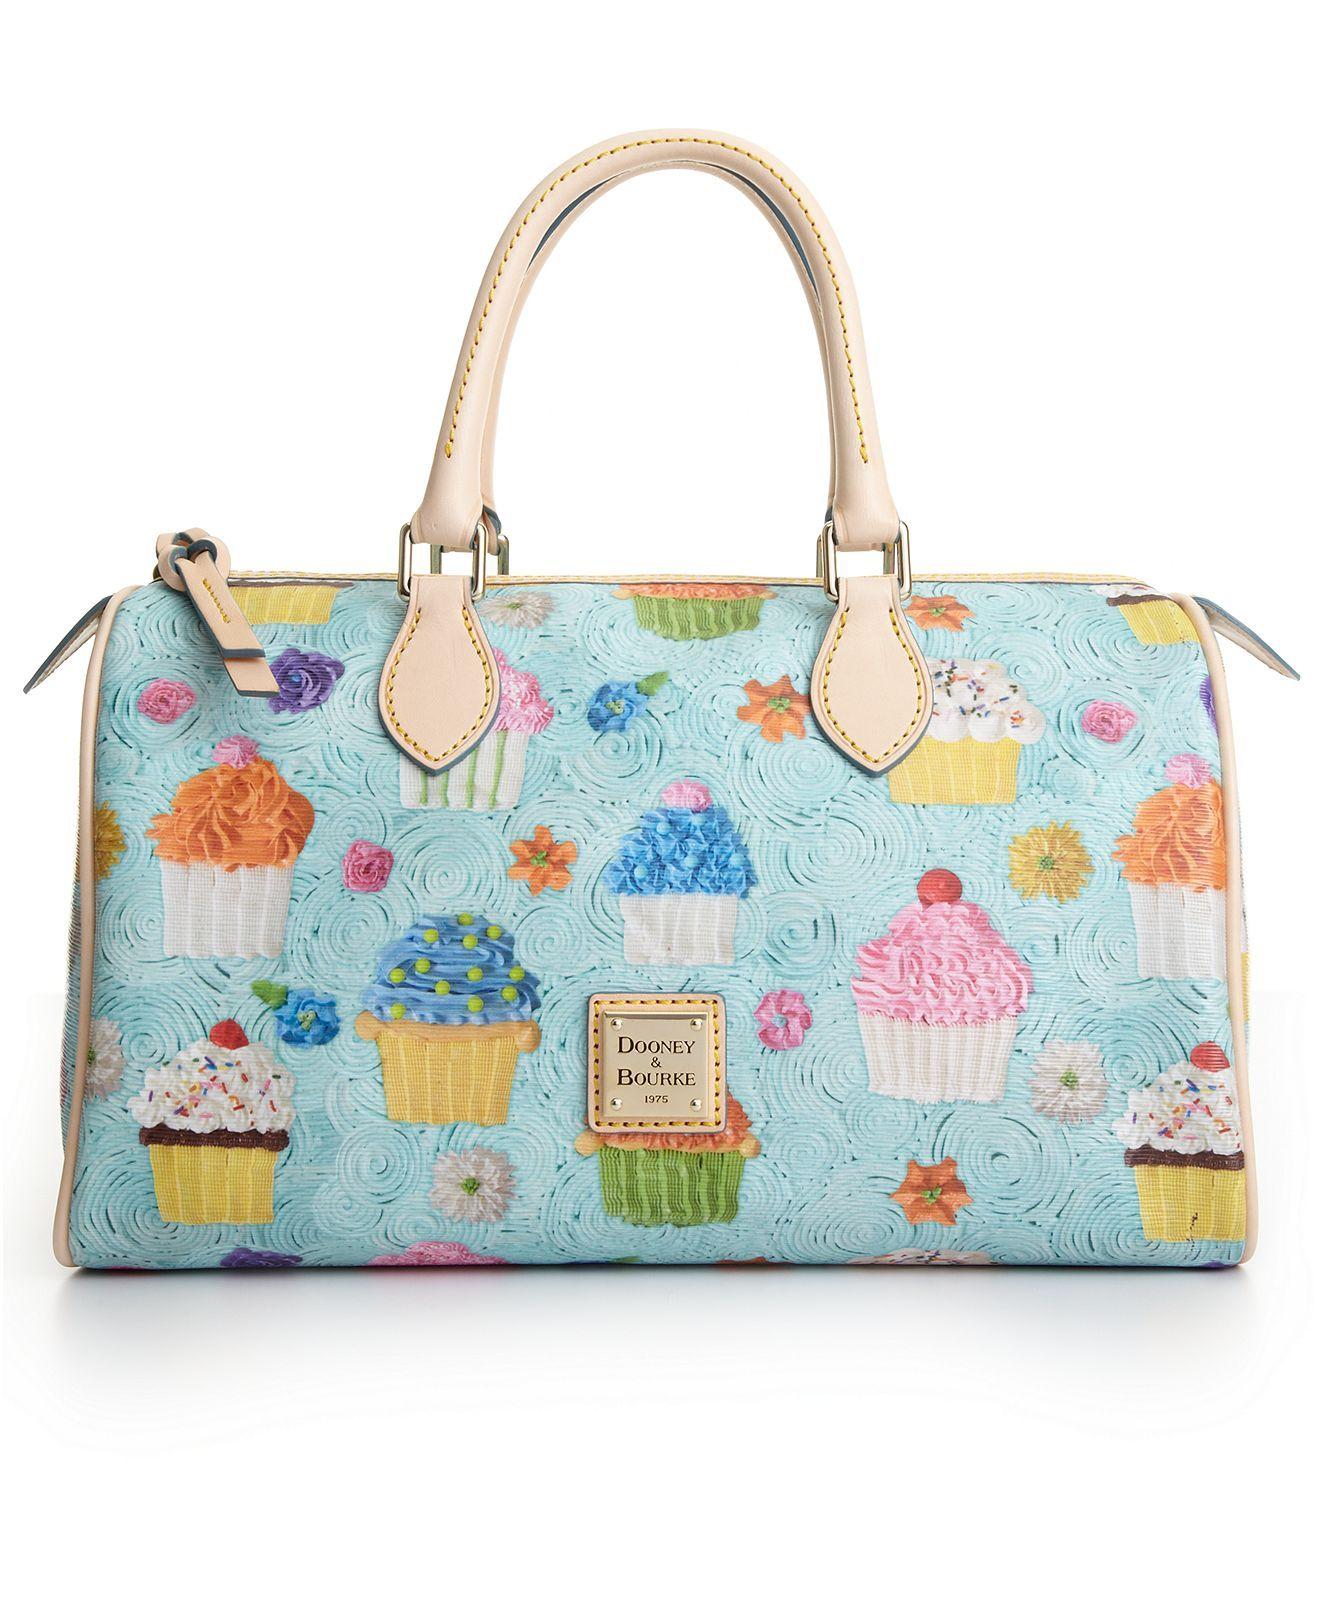 dooney bourke handbag cupcake satchel dooney bourke